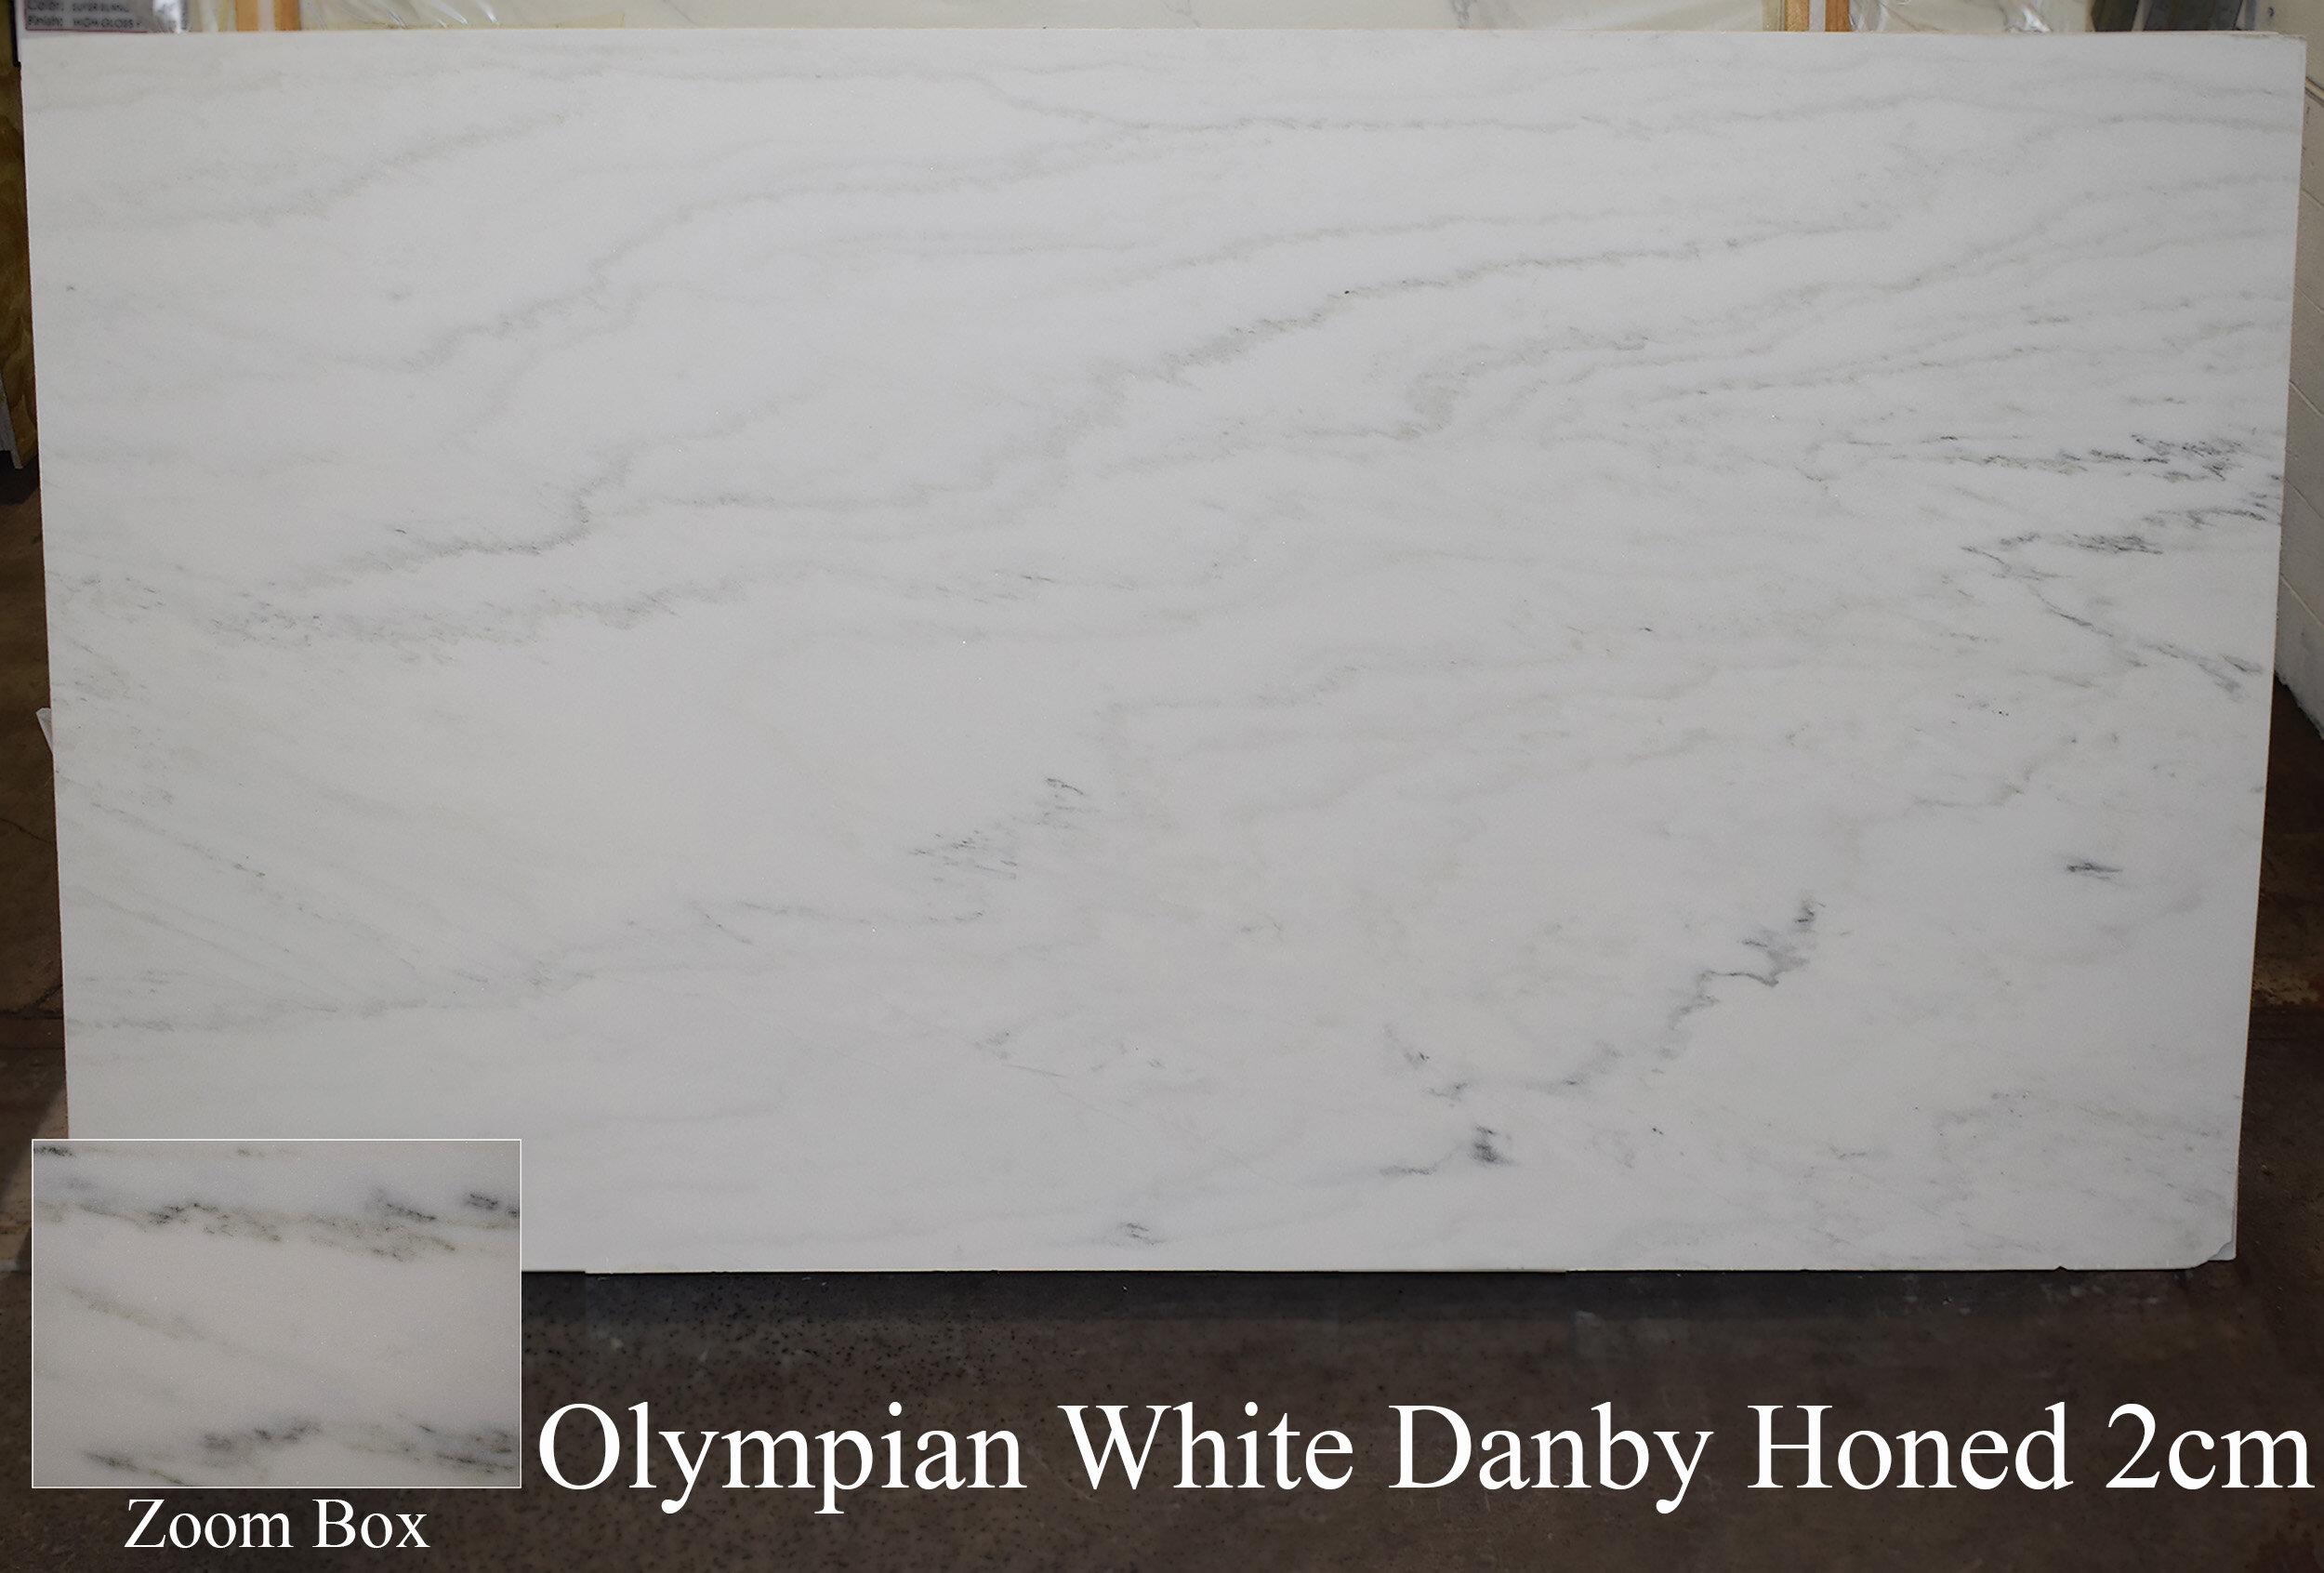 OLYMPIAN WHITE DANBY HONED 2CM